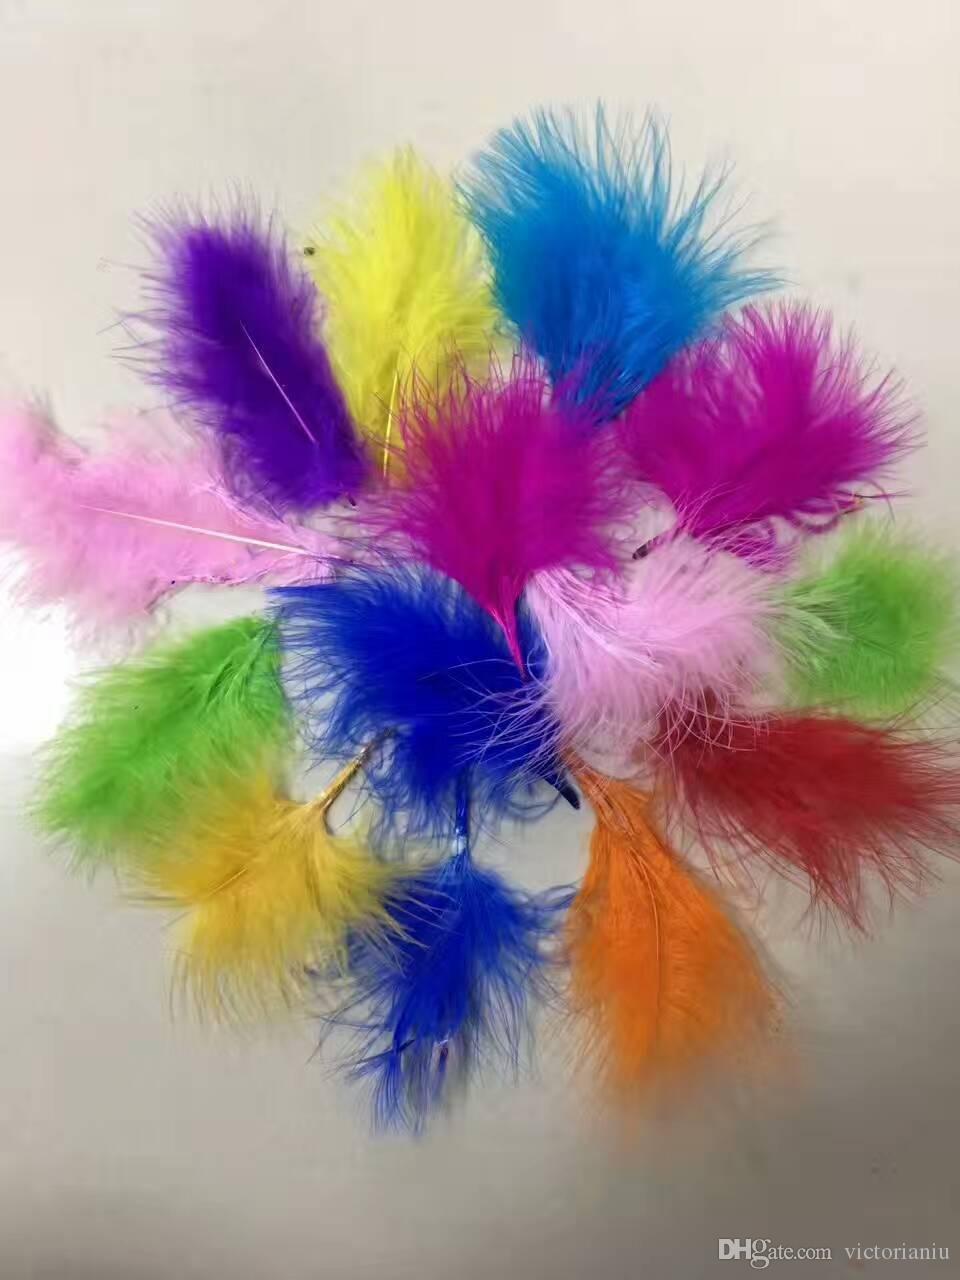 mayor de los colores al azar 10-15cm plumas de marabú de ganso mullido por un globo transparente